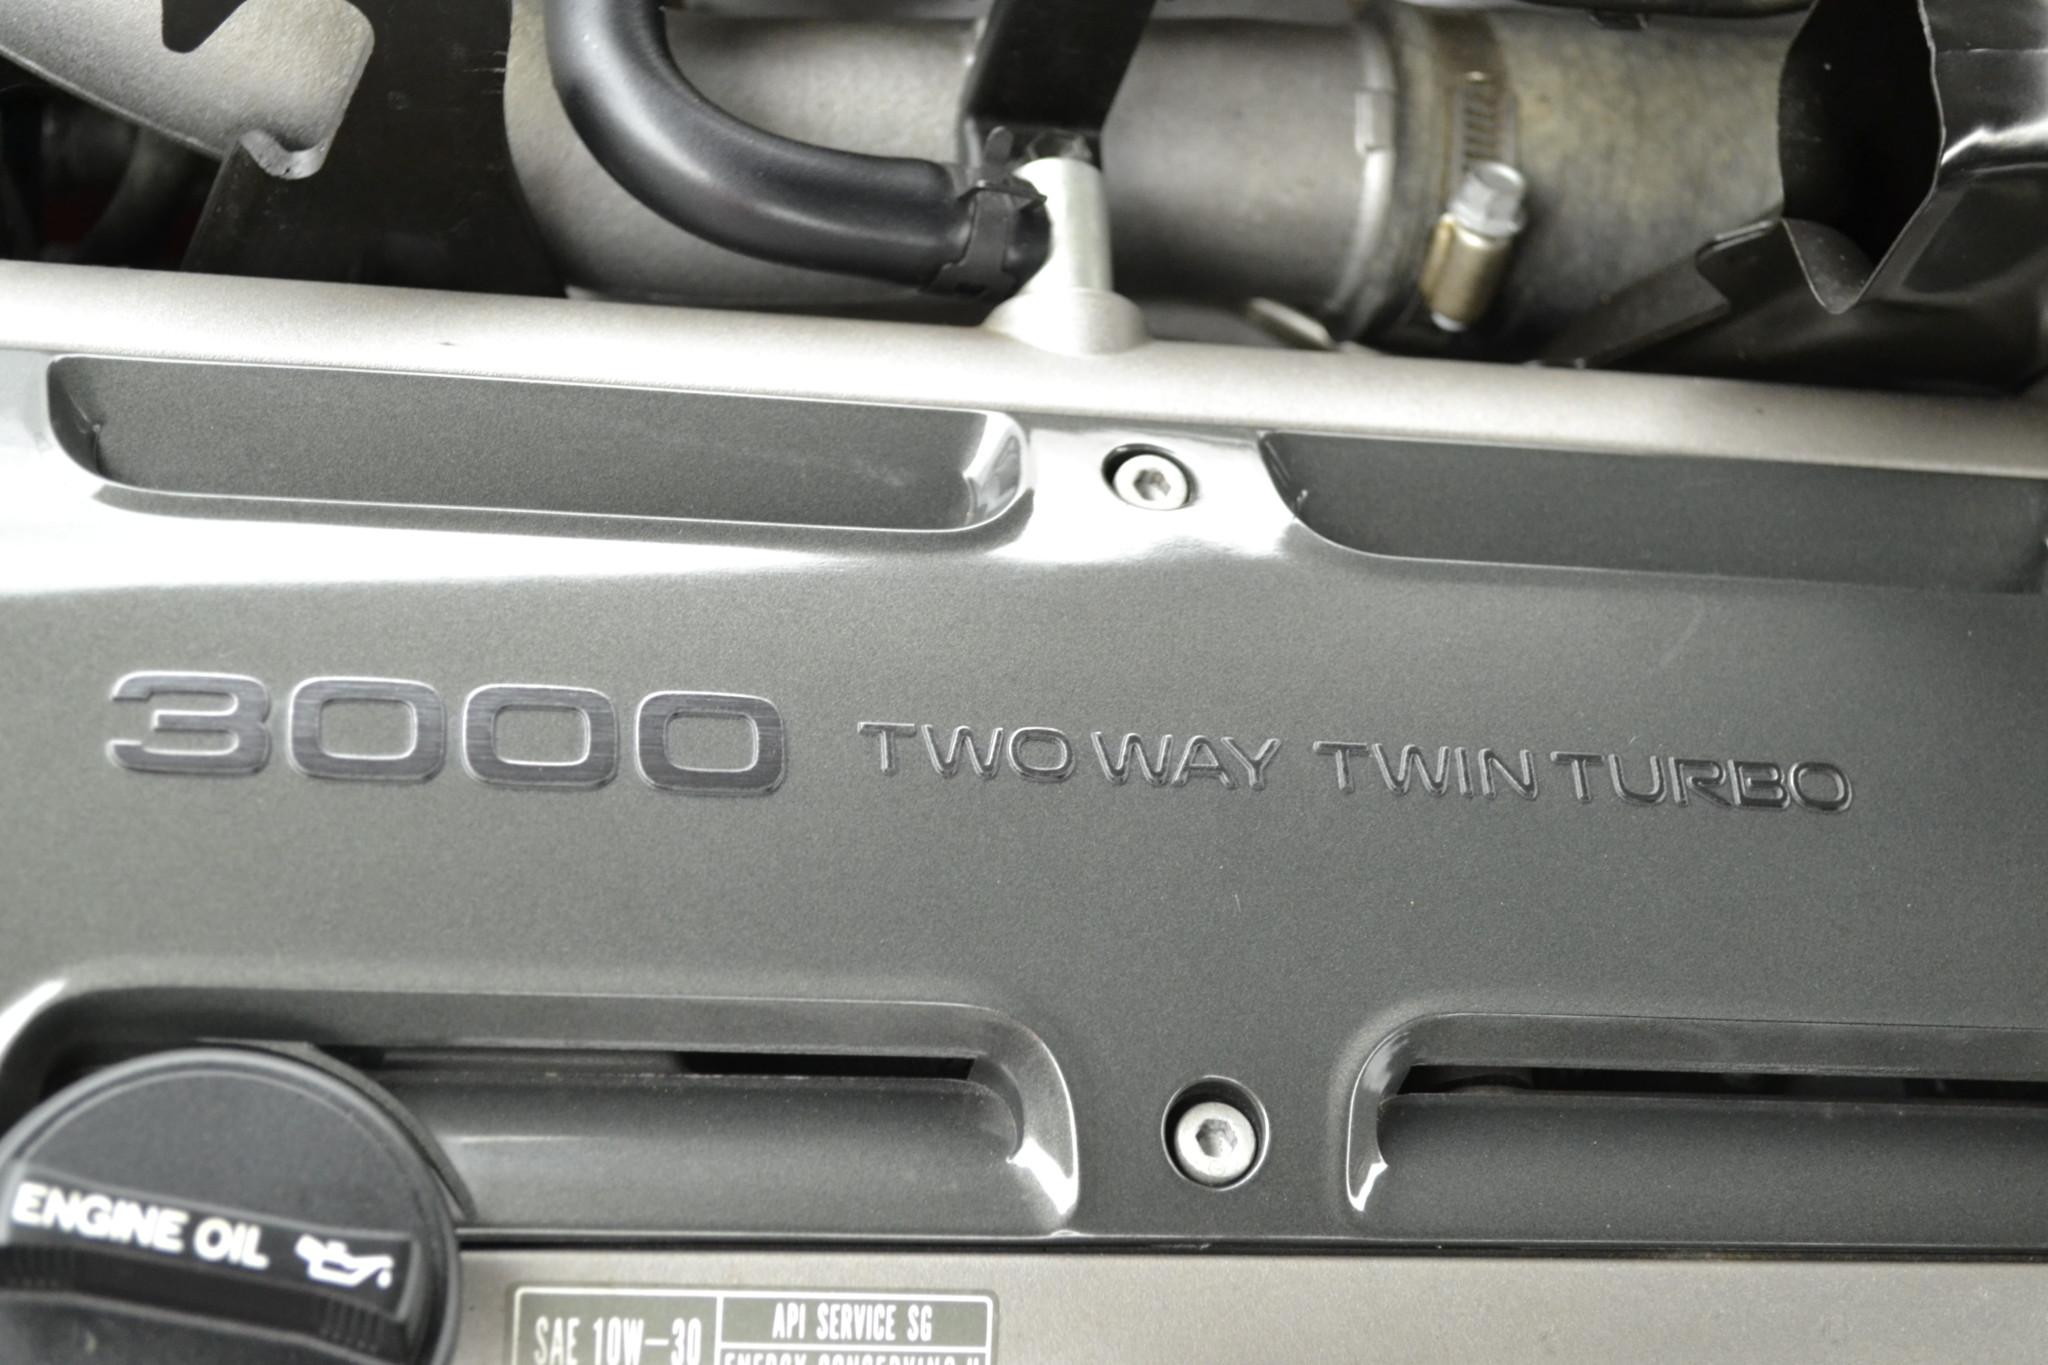 1994_Toyota_Supra_Twin_Turbo_0029